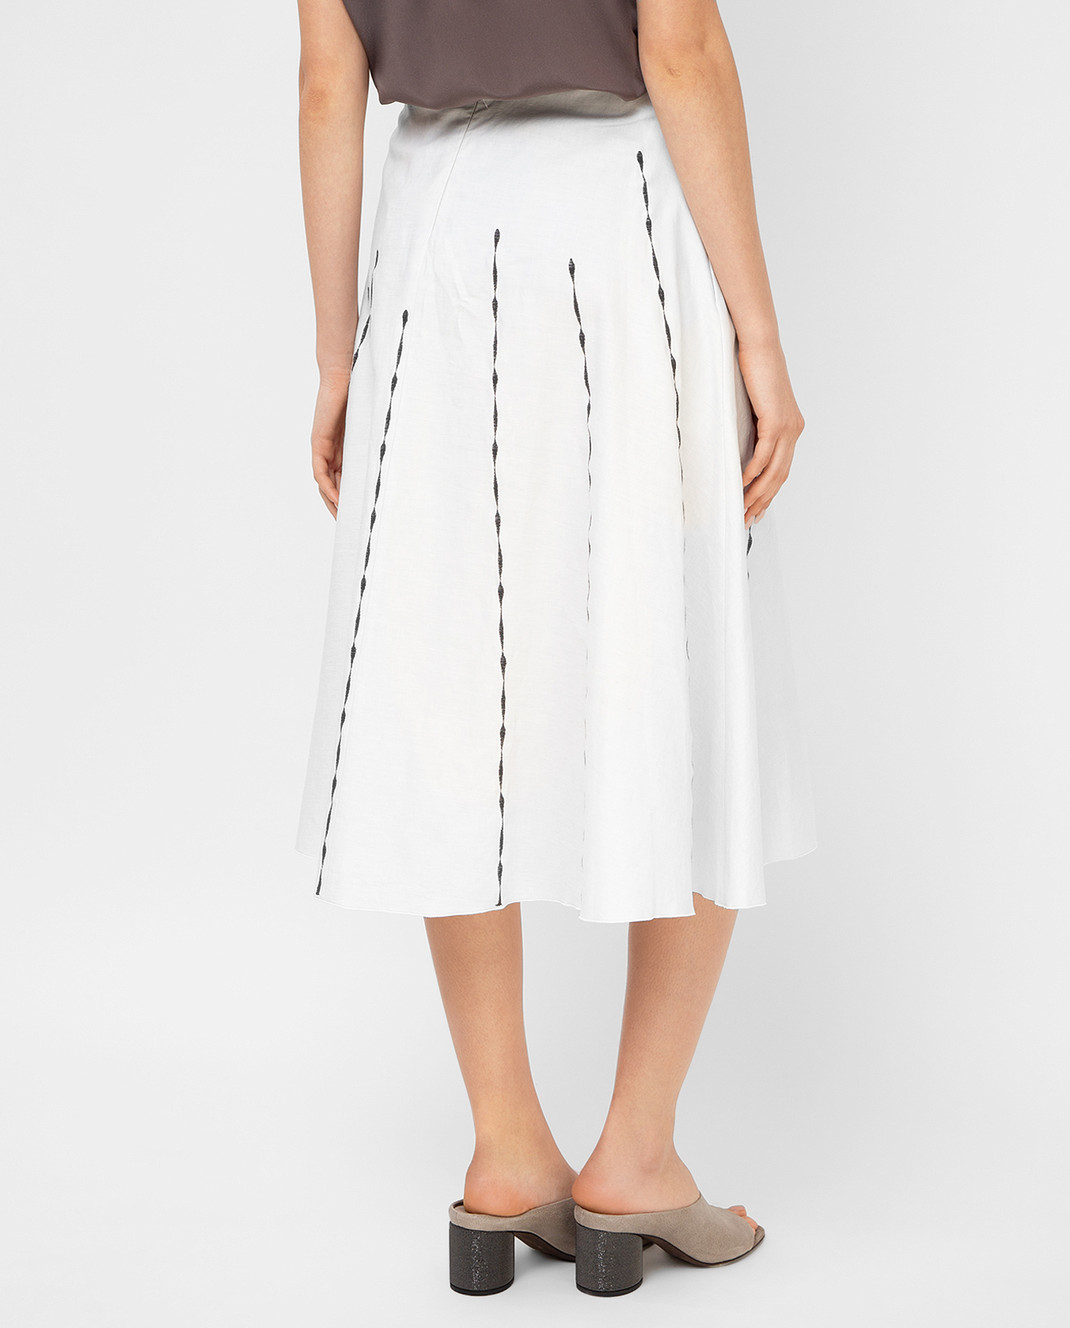 Bottega Veneta Светло-серая юбка 448808 изображение 4